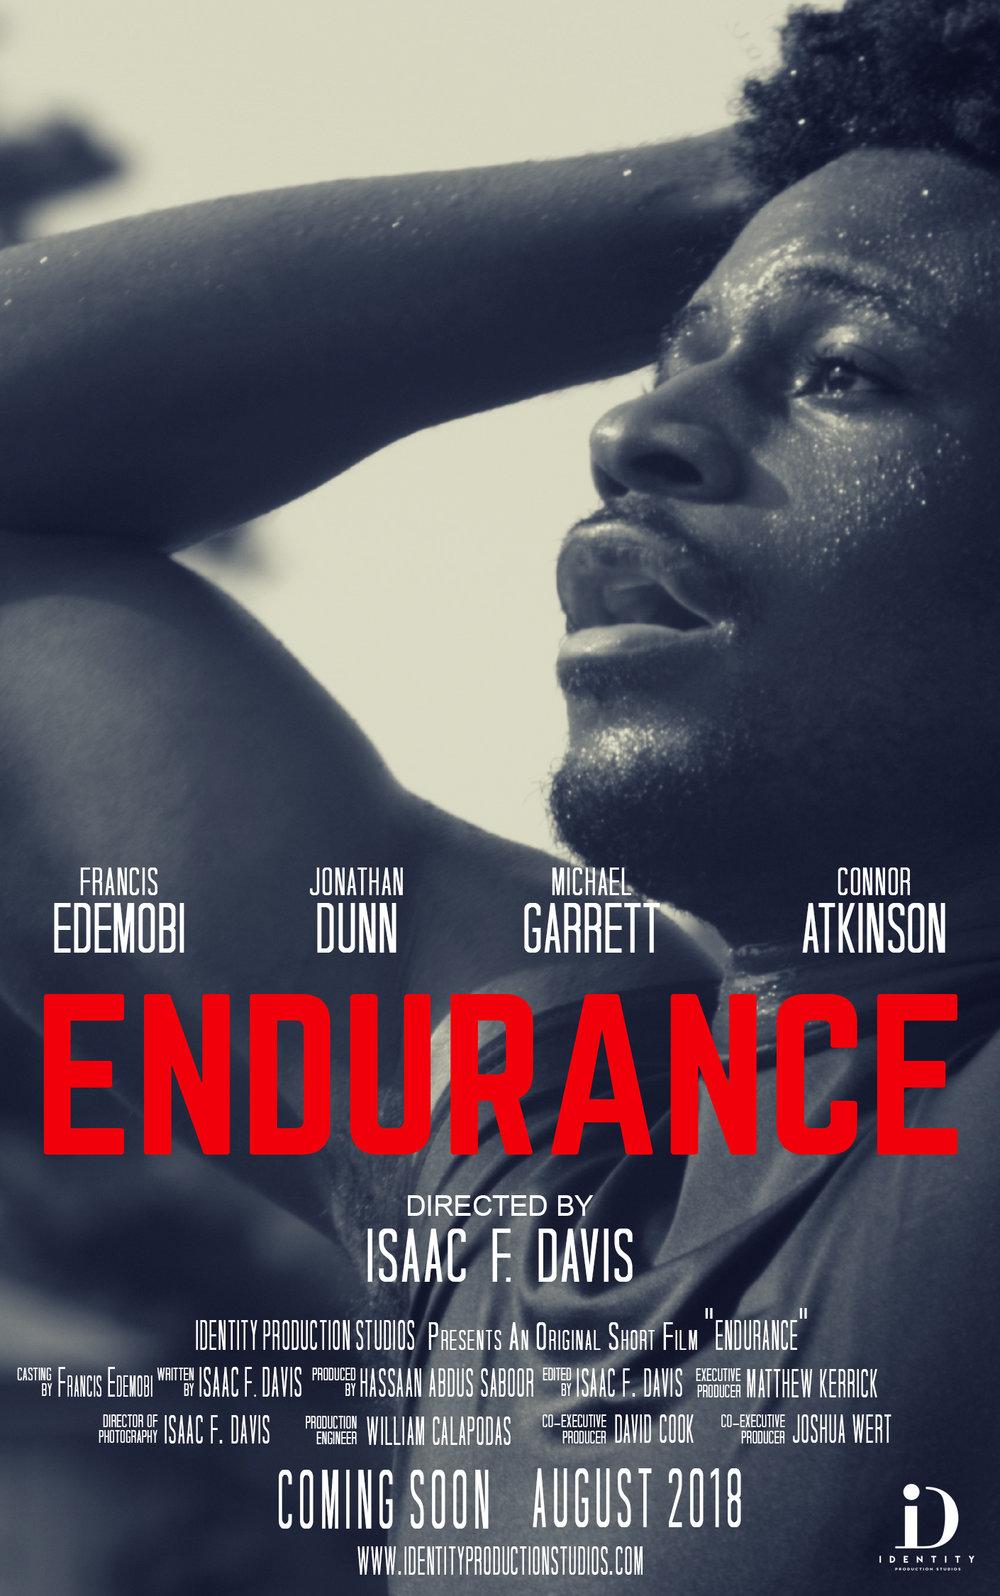 ENDURANCE FILM Poster V_1.jpg